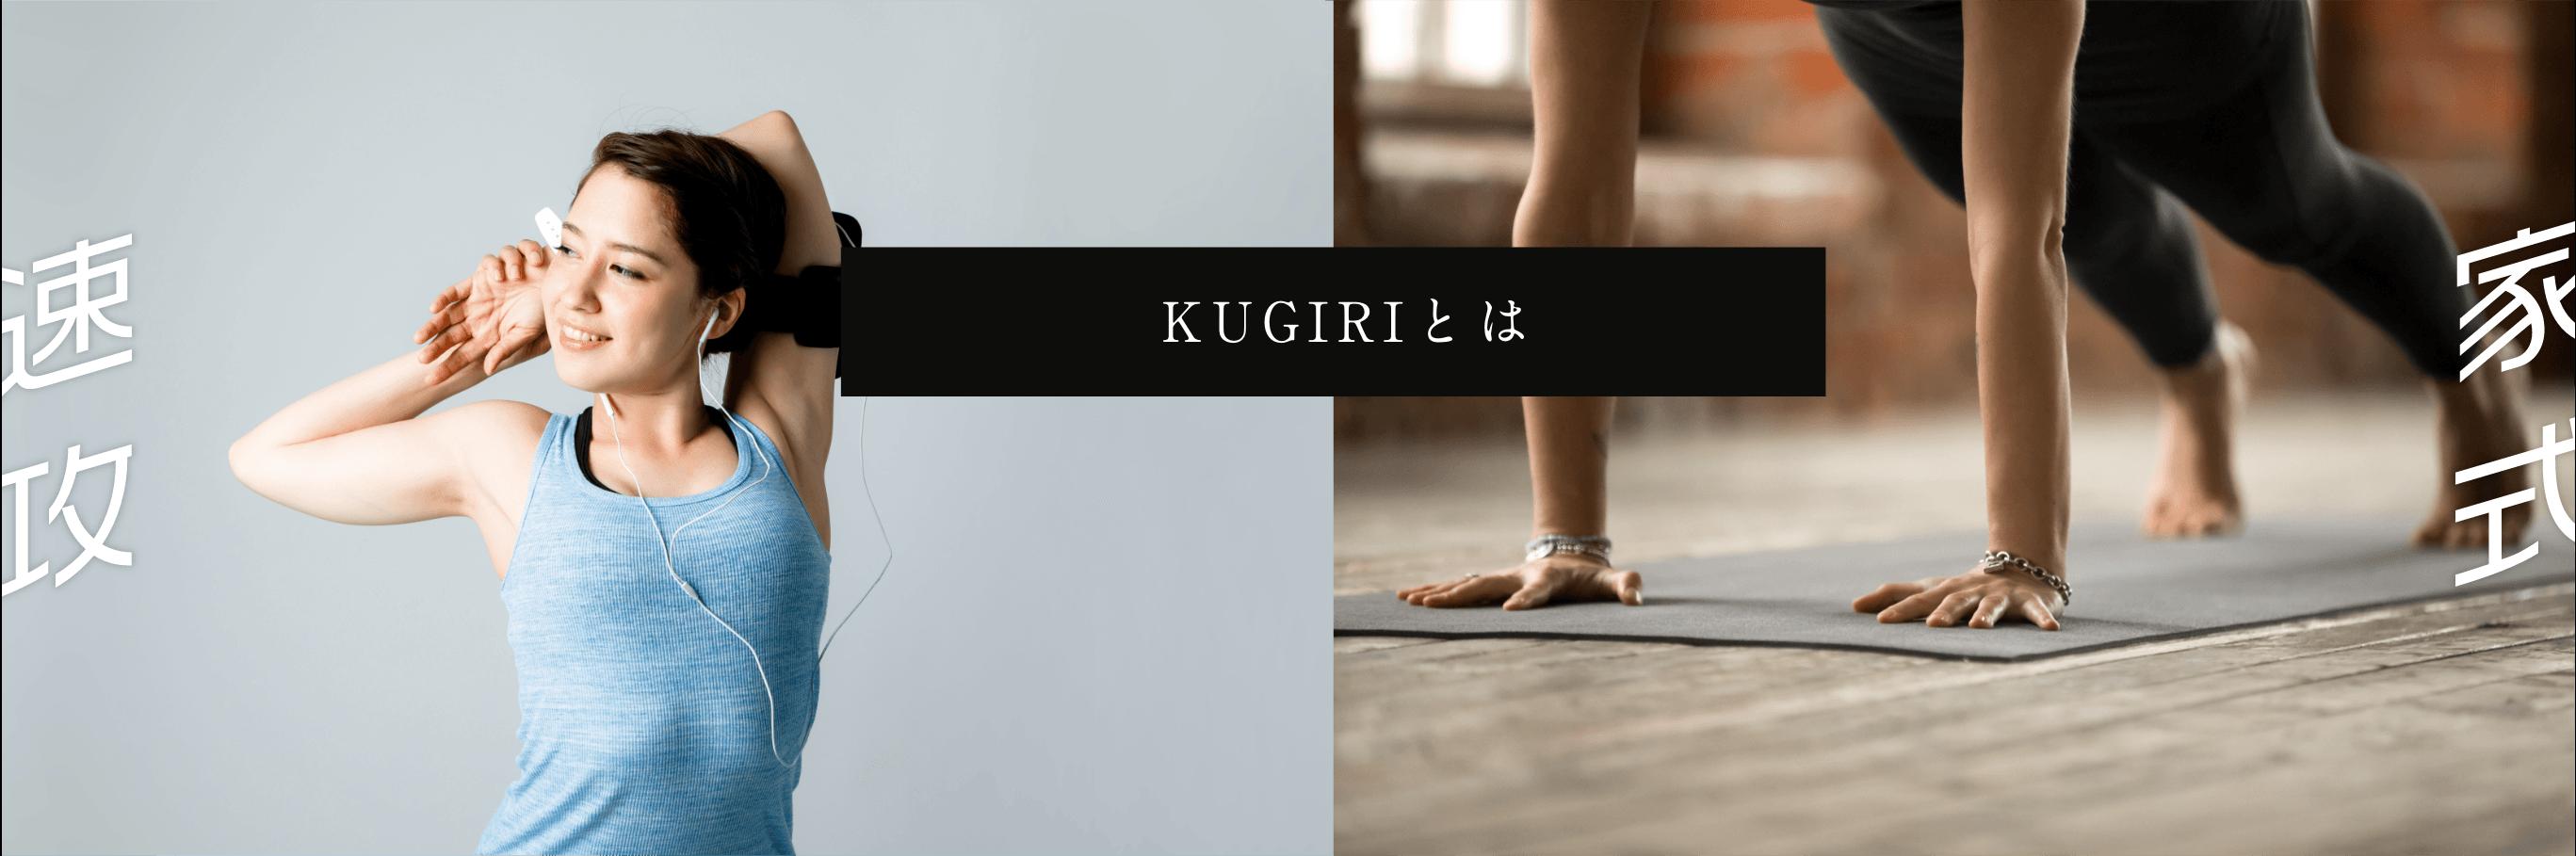 昔の体型に戻りたい!体脂肪だけ落としたい! 筋トレで生活習慣を改善したいが、一人じゃ続けられない! しんどい思いをしても結局リバウンドしてしまいそう。 ジムでトレーナーについてもらったが、キツすぎて二度と続けられない。 そんな方こそ、KUGIRIの速攻家式レッスンで自分を変えましょう。 筋トレやダイエットは我慢するものと思っていませんか? だから続けたくても続けられなかったのです。 17年前、まだパーソナルトレーナーという言葉すらなかったころから 1万人以上の方のボディメイクに携わらせていただき、 KUGIRIでは、まったく逆の発想にいたりました。 それこそ、 「続けたくなるダイエット・筋トレ」です。 KUGIRIはレッスン時間を短く区切り、短時間で最大の効果、 そして習慣化させリバウンドしないことを徹底的に突き詰めました。 ご要望にお答えする形で、 ついにオンラインで展開することになったKUGIRI。 より多くの皆さまの 「かっこよくスーツが着られる体型になりたい!」 「タイトな洋服を着こなしたい!」という夢を 叶えさせていただきます。